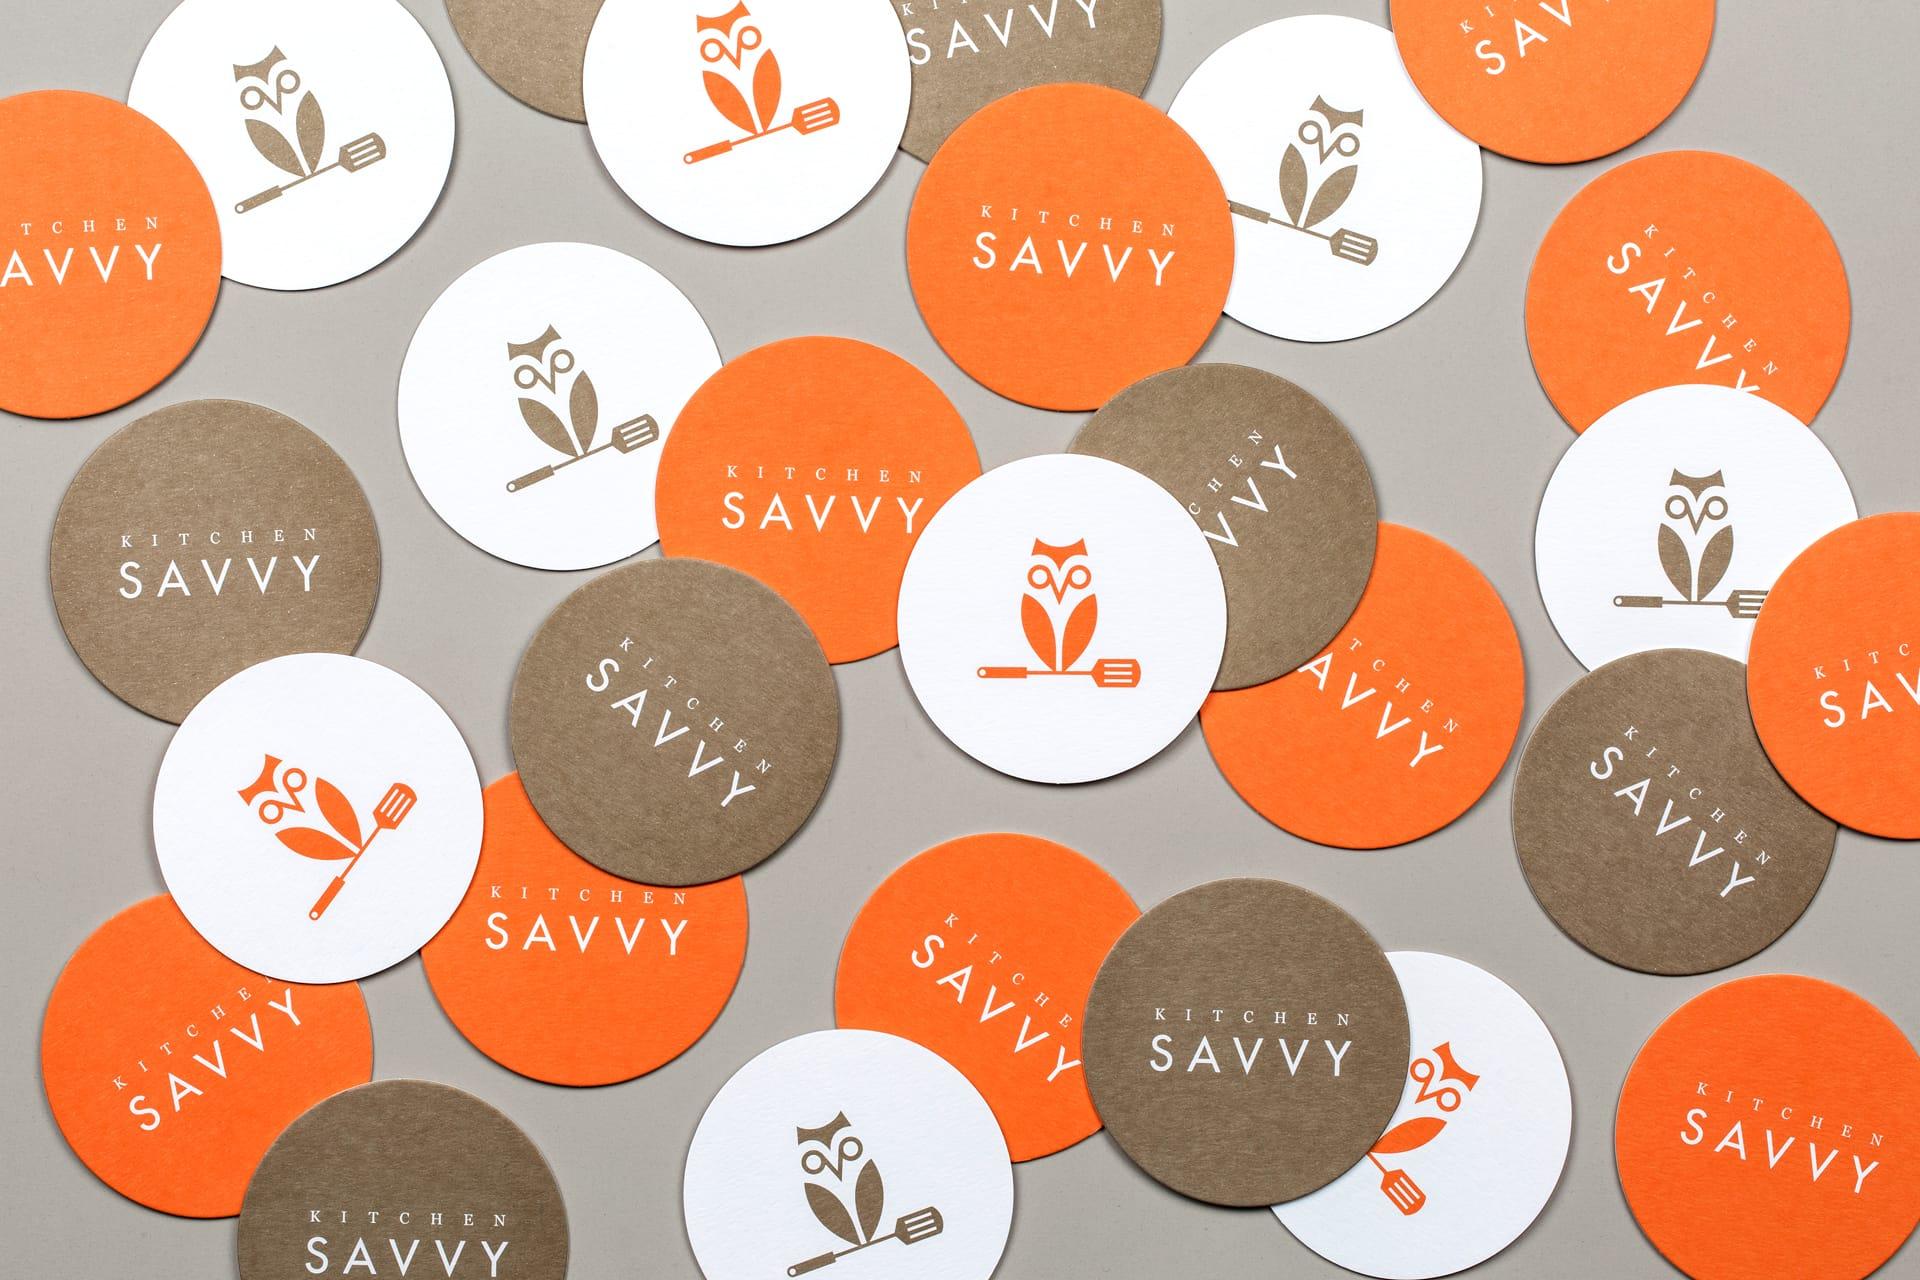 kitchen-savvy_03